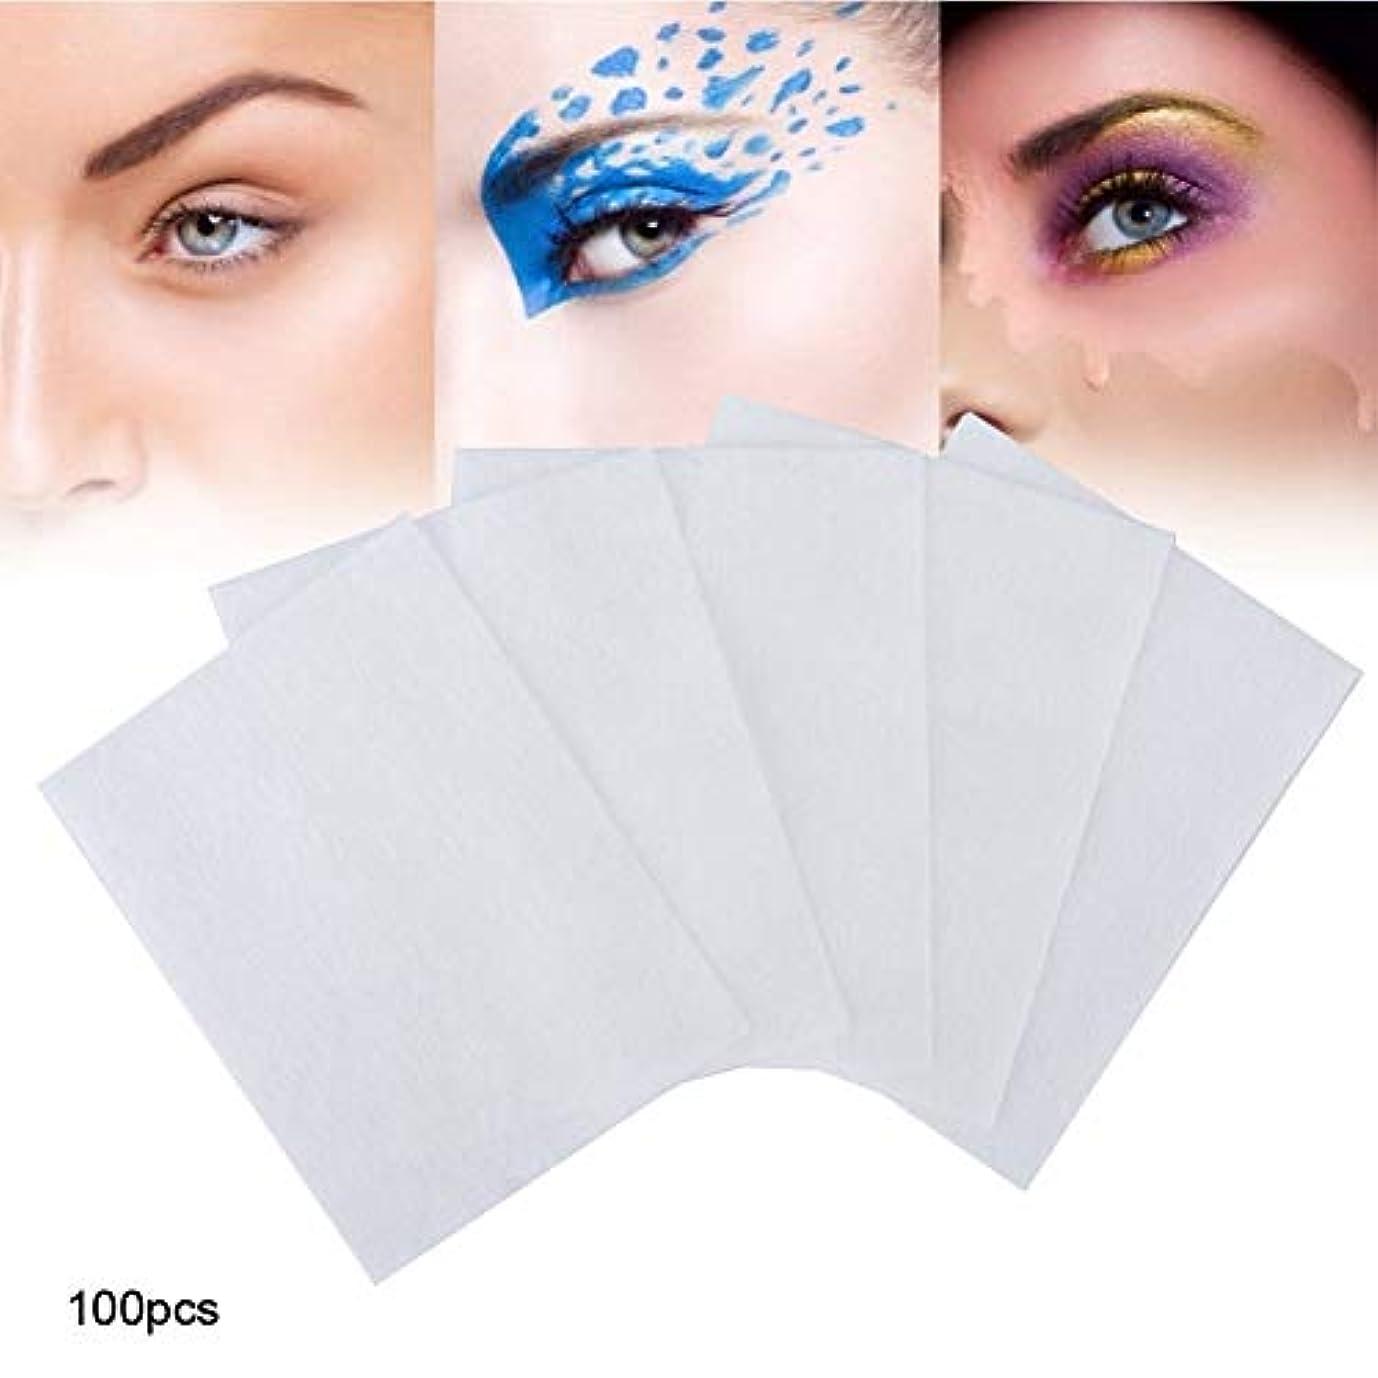 精巧なできないとげ100個 化粧コットンパッド 化粧を削除する 使い捨て洗顔料